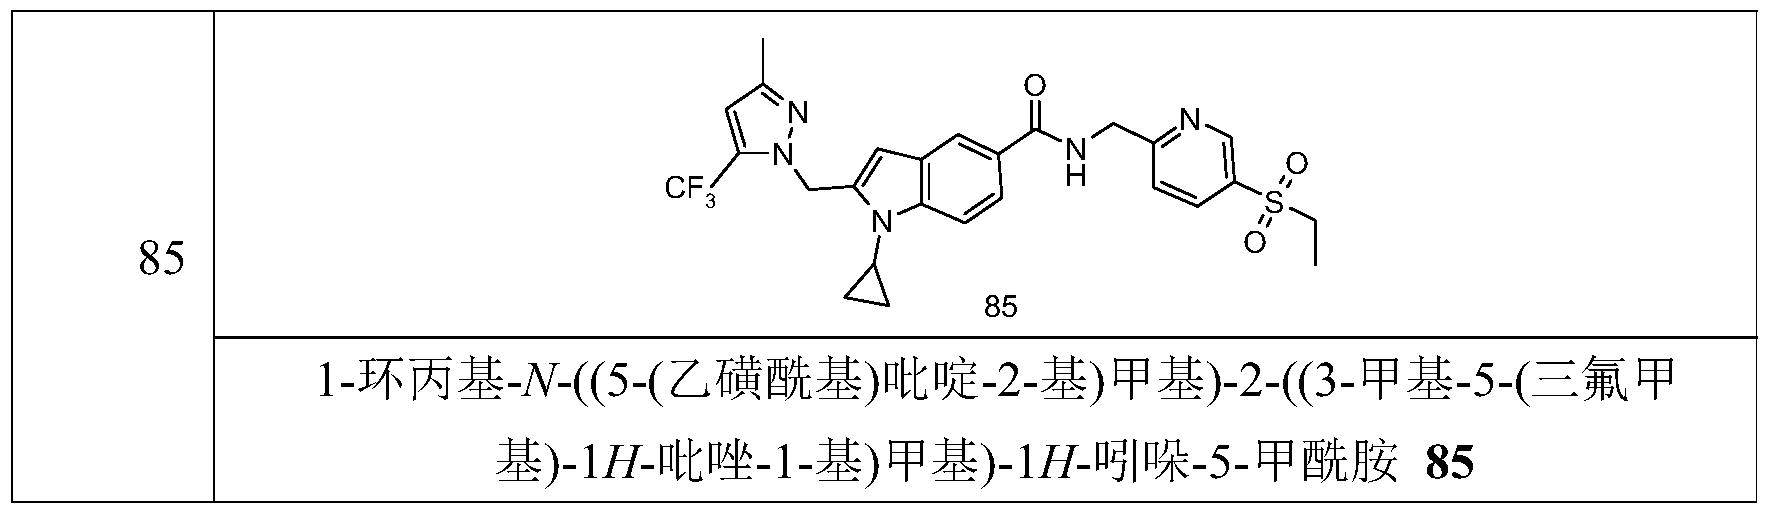 Figure PCTCN2017077114-appb-000028